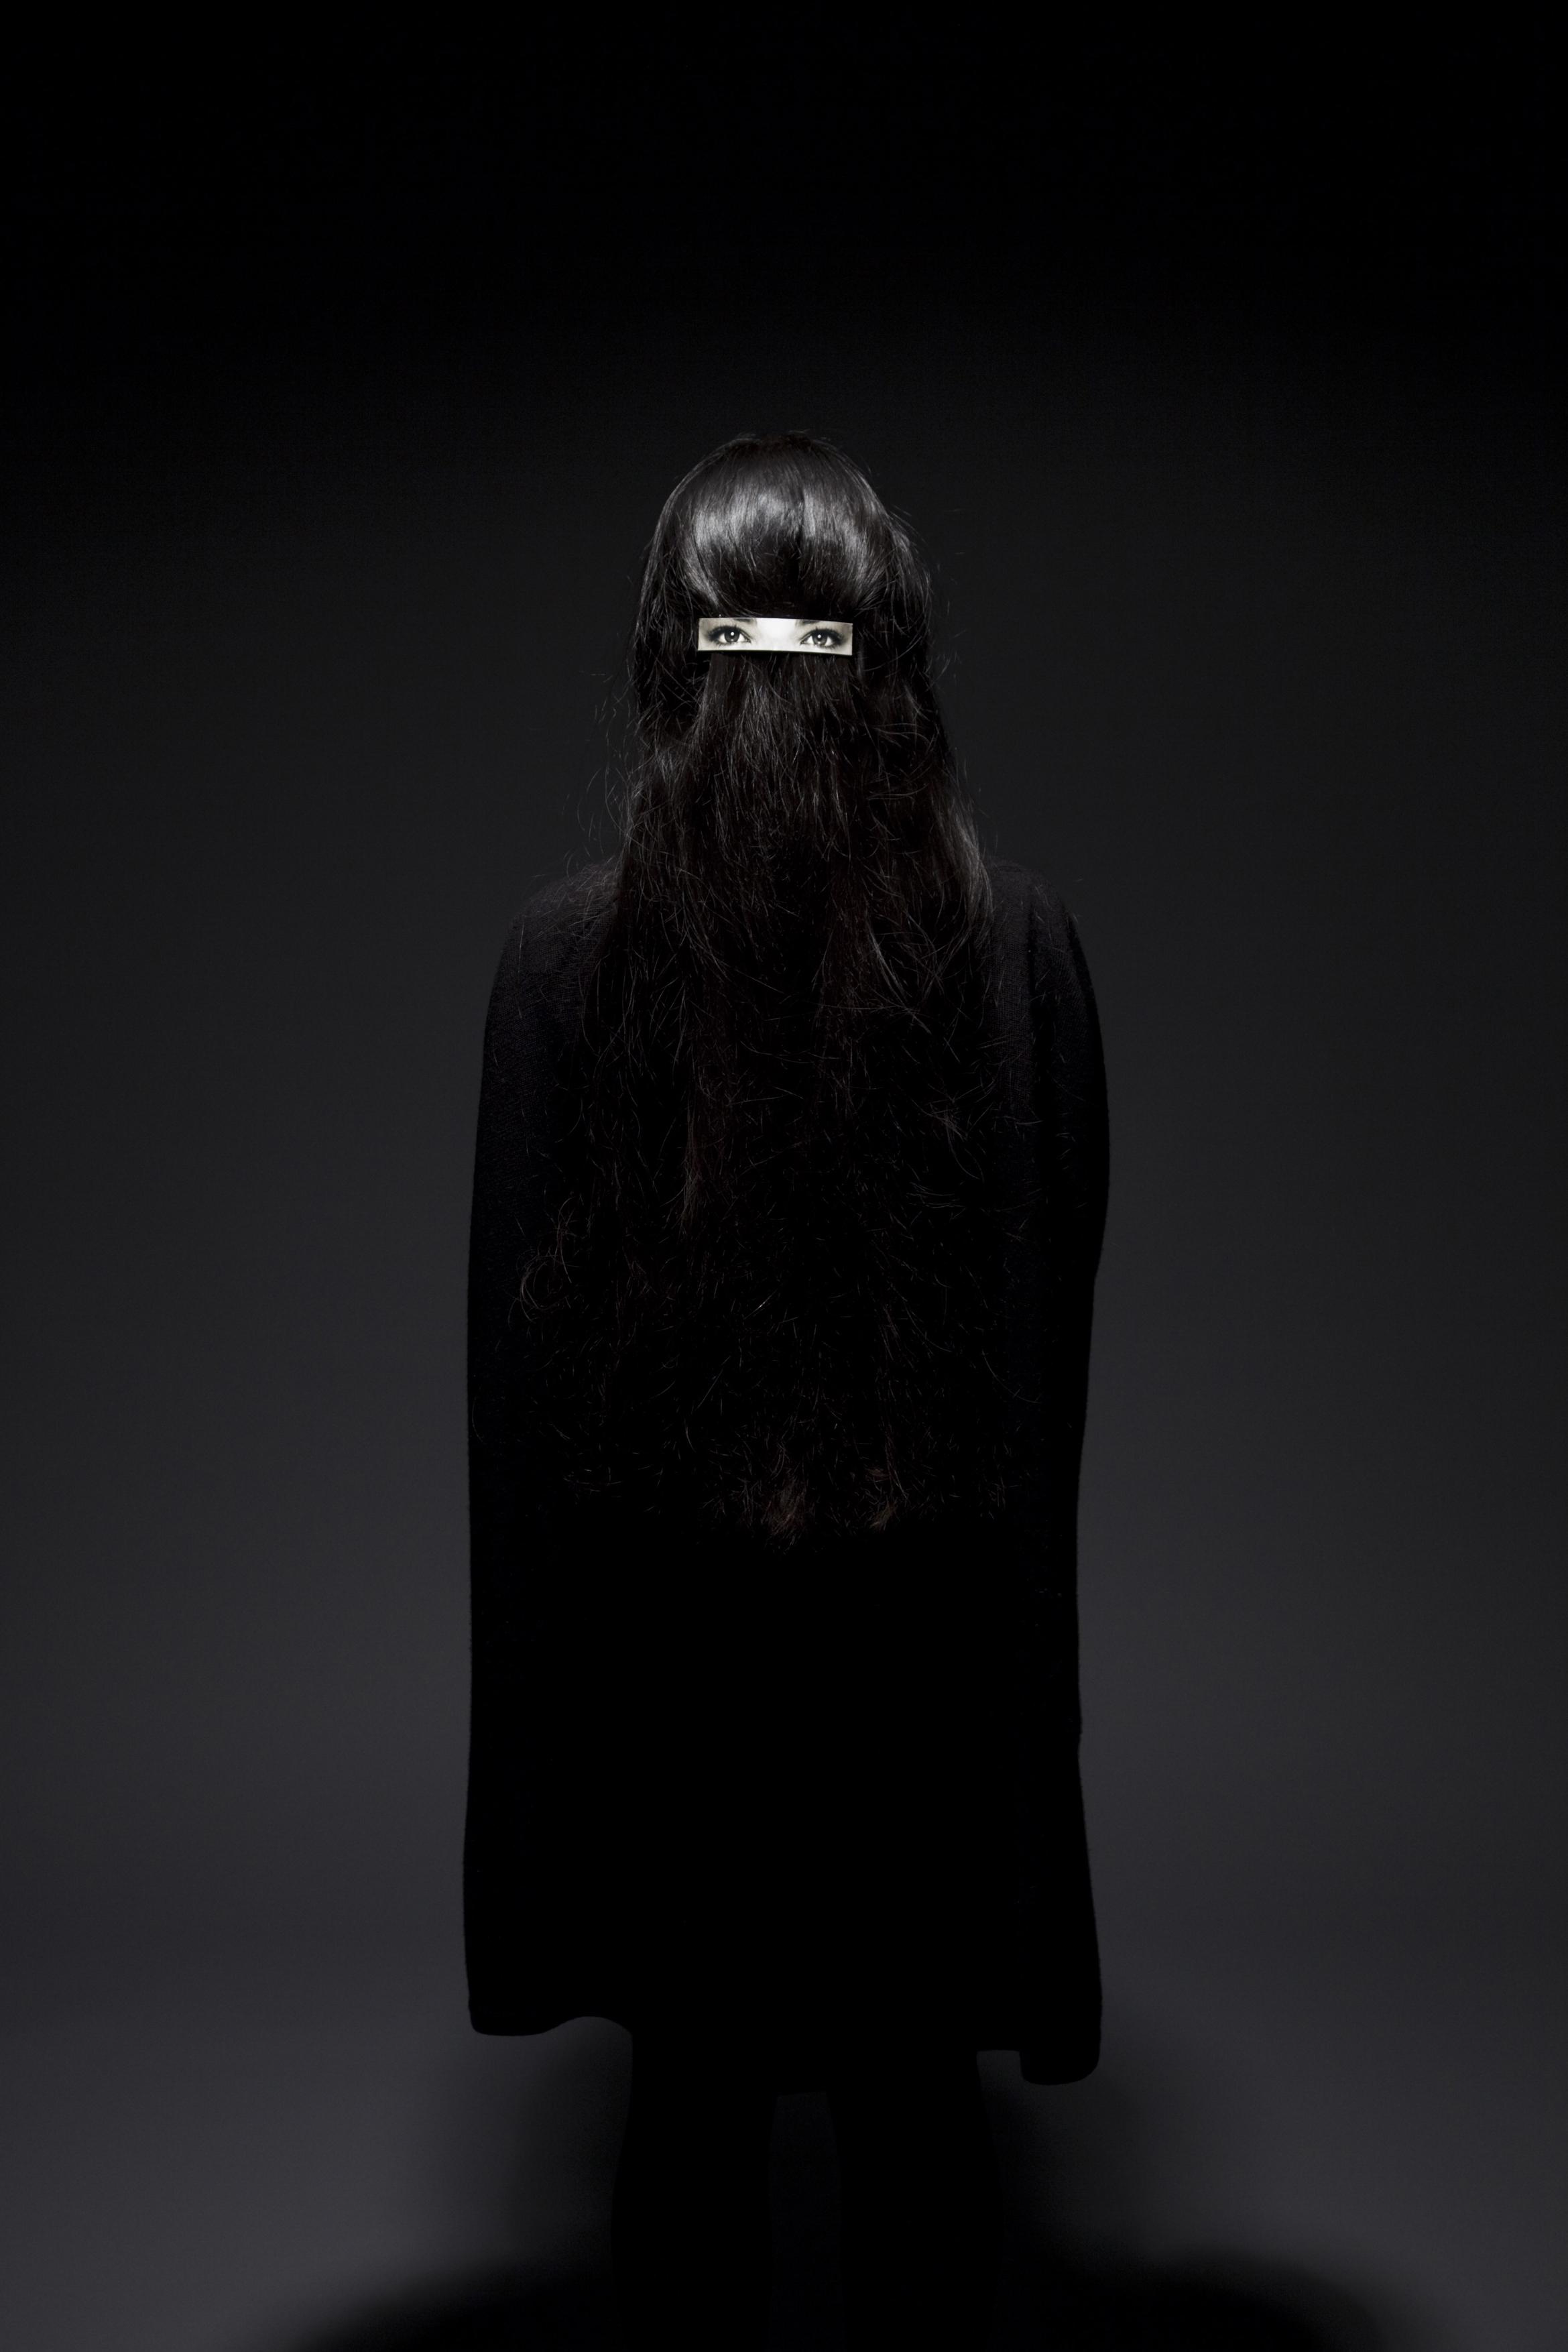 001_Hair clip on hair.jpg